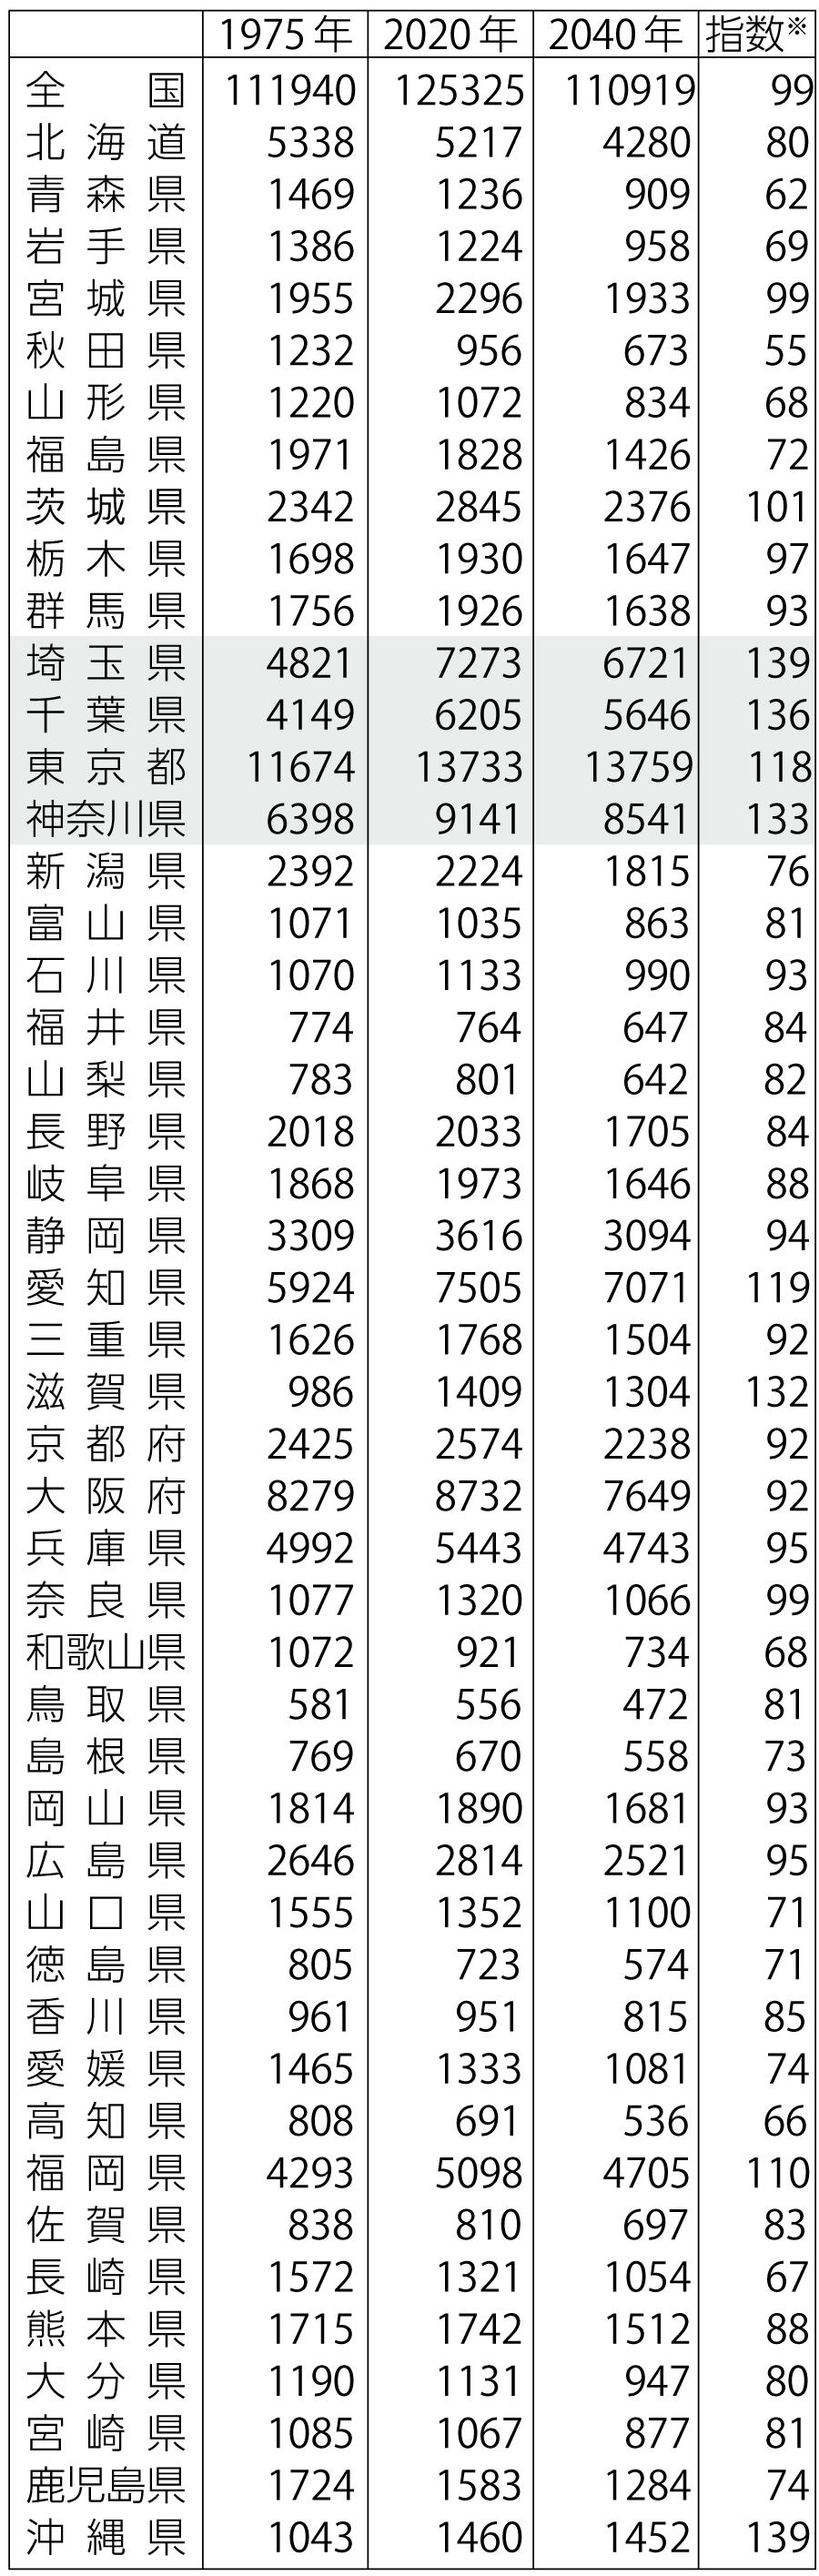 表 拡大する地域の人口格差